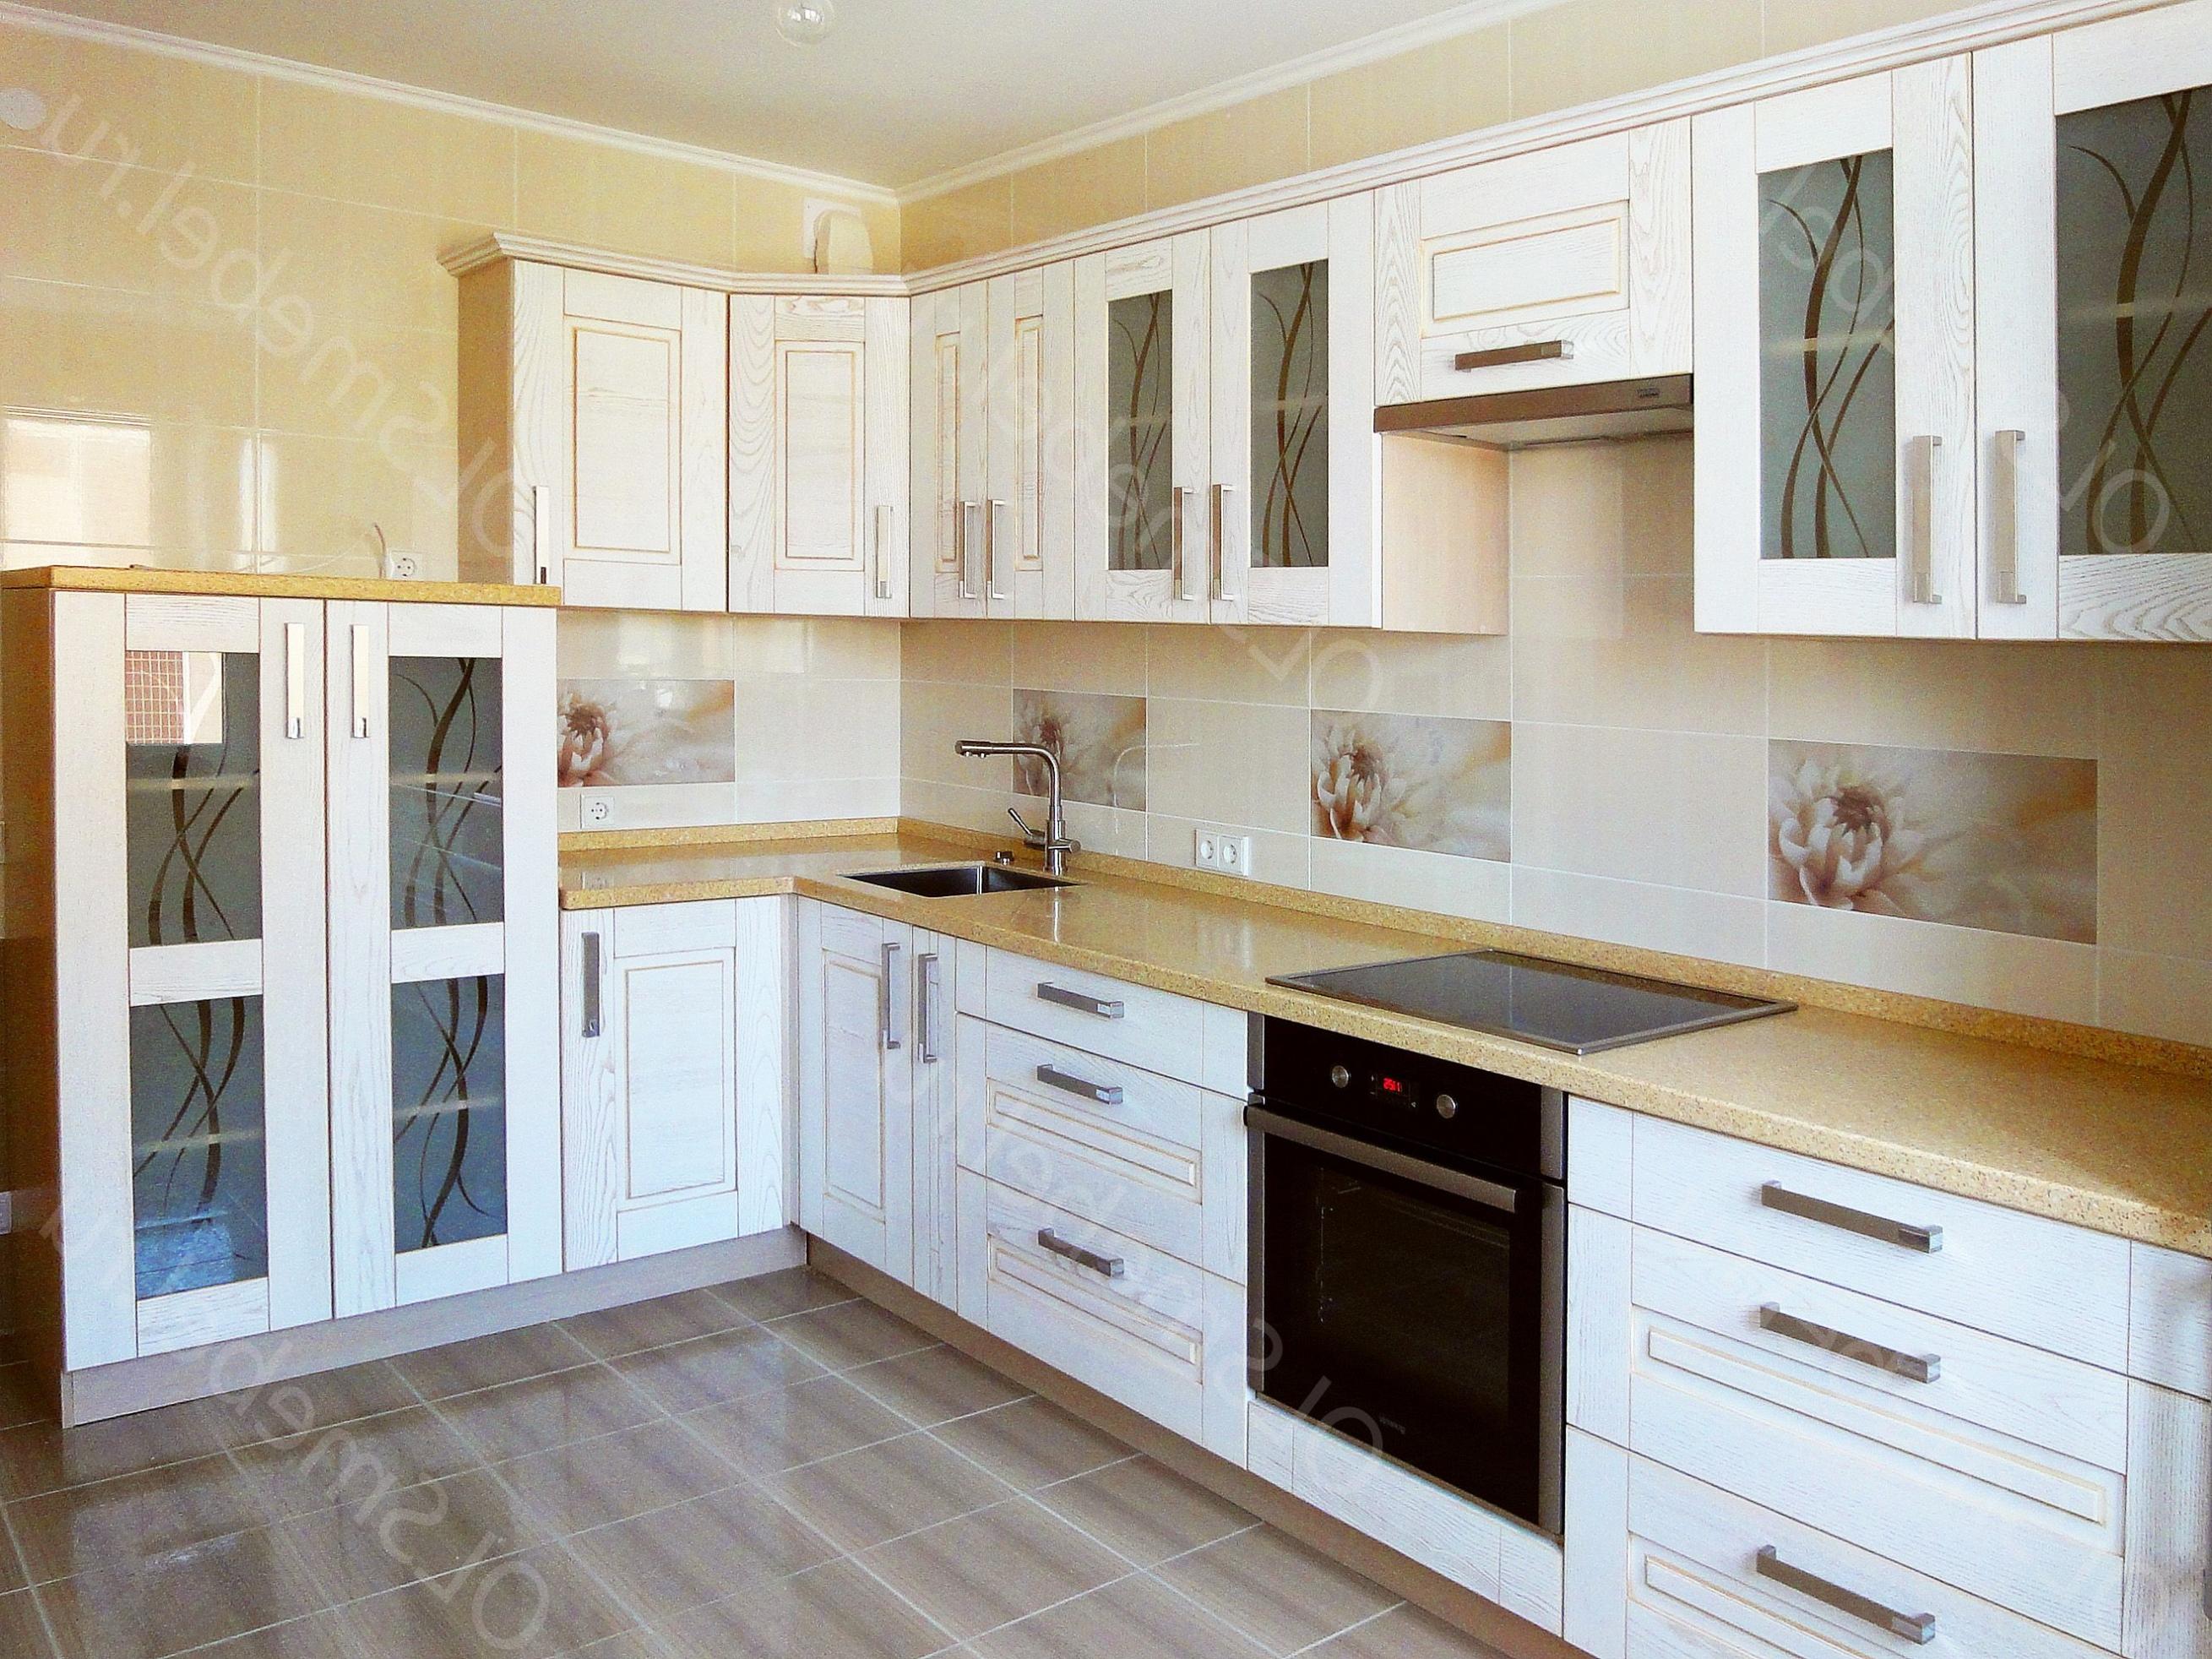 Muebles Cocina Madera Xtd6 Resultado De Imagen Para Muebles De ...